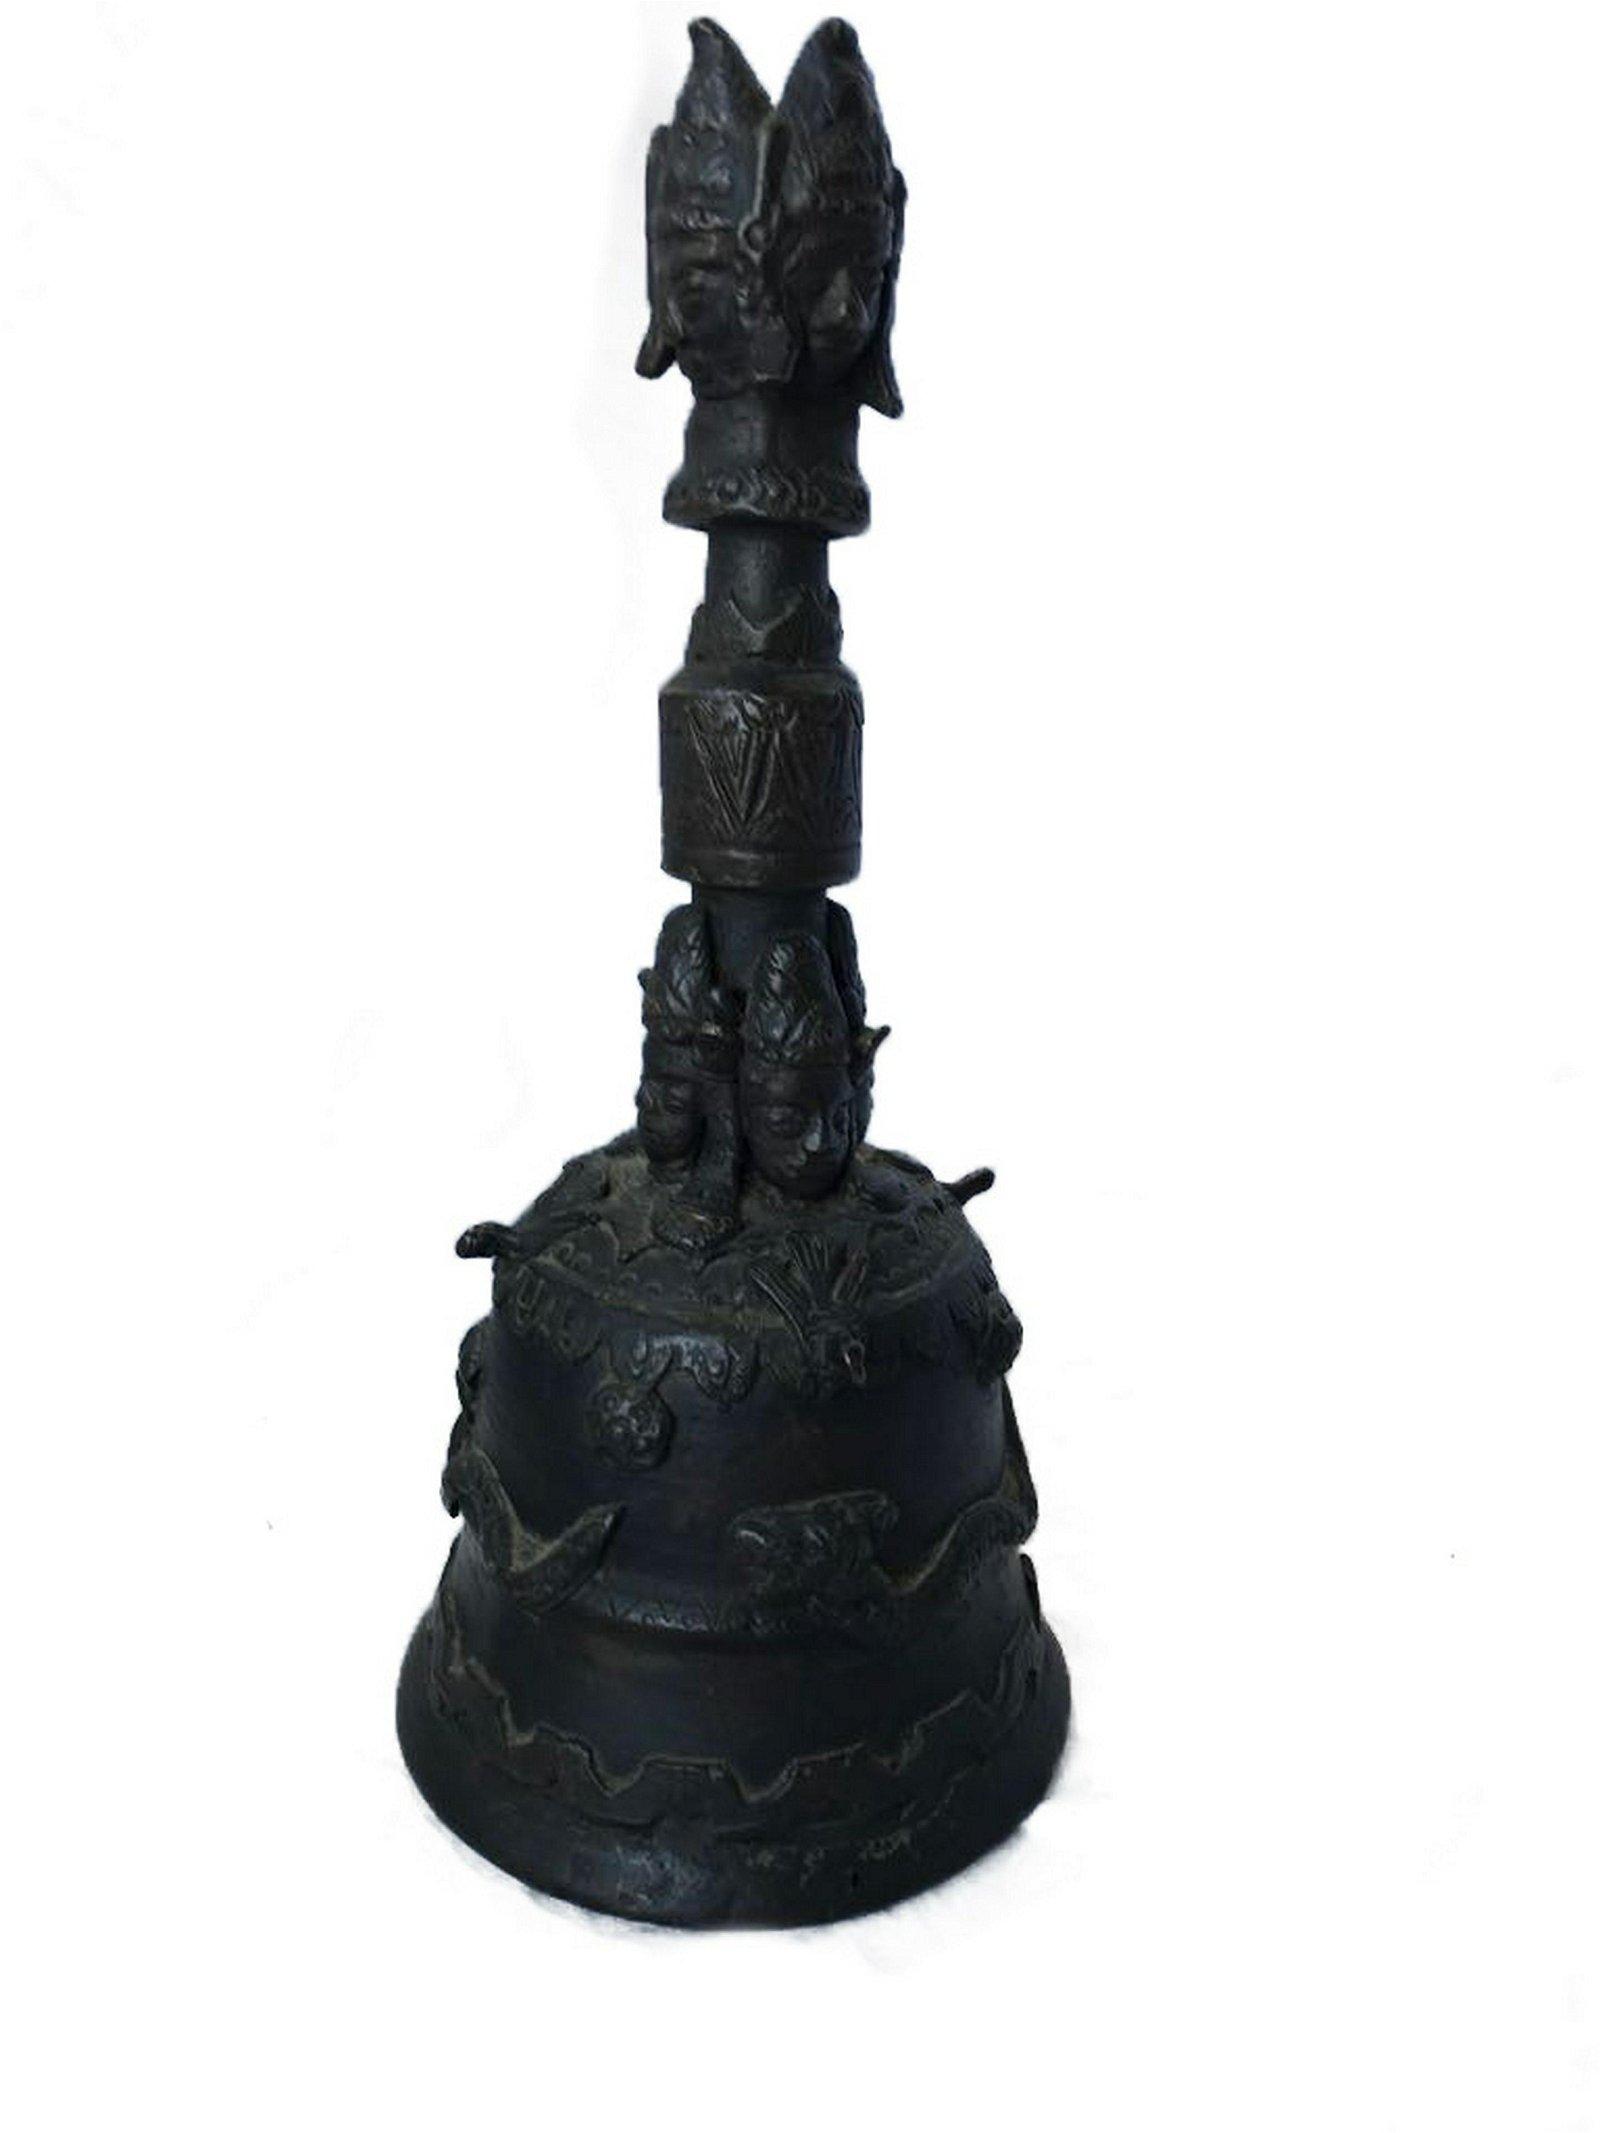 cast bronze bell